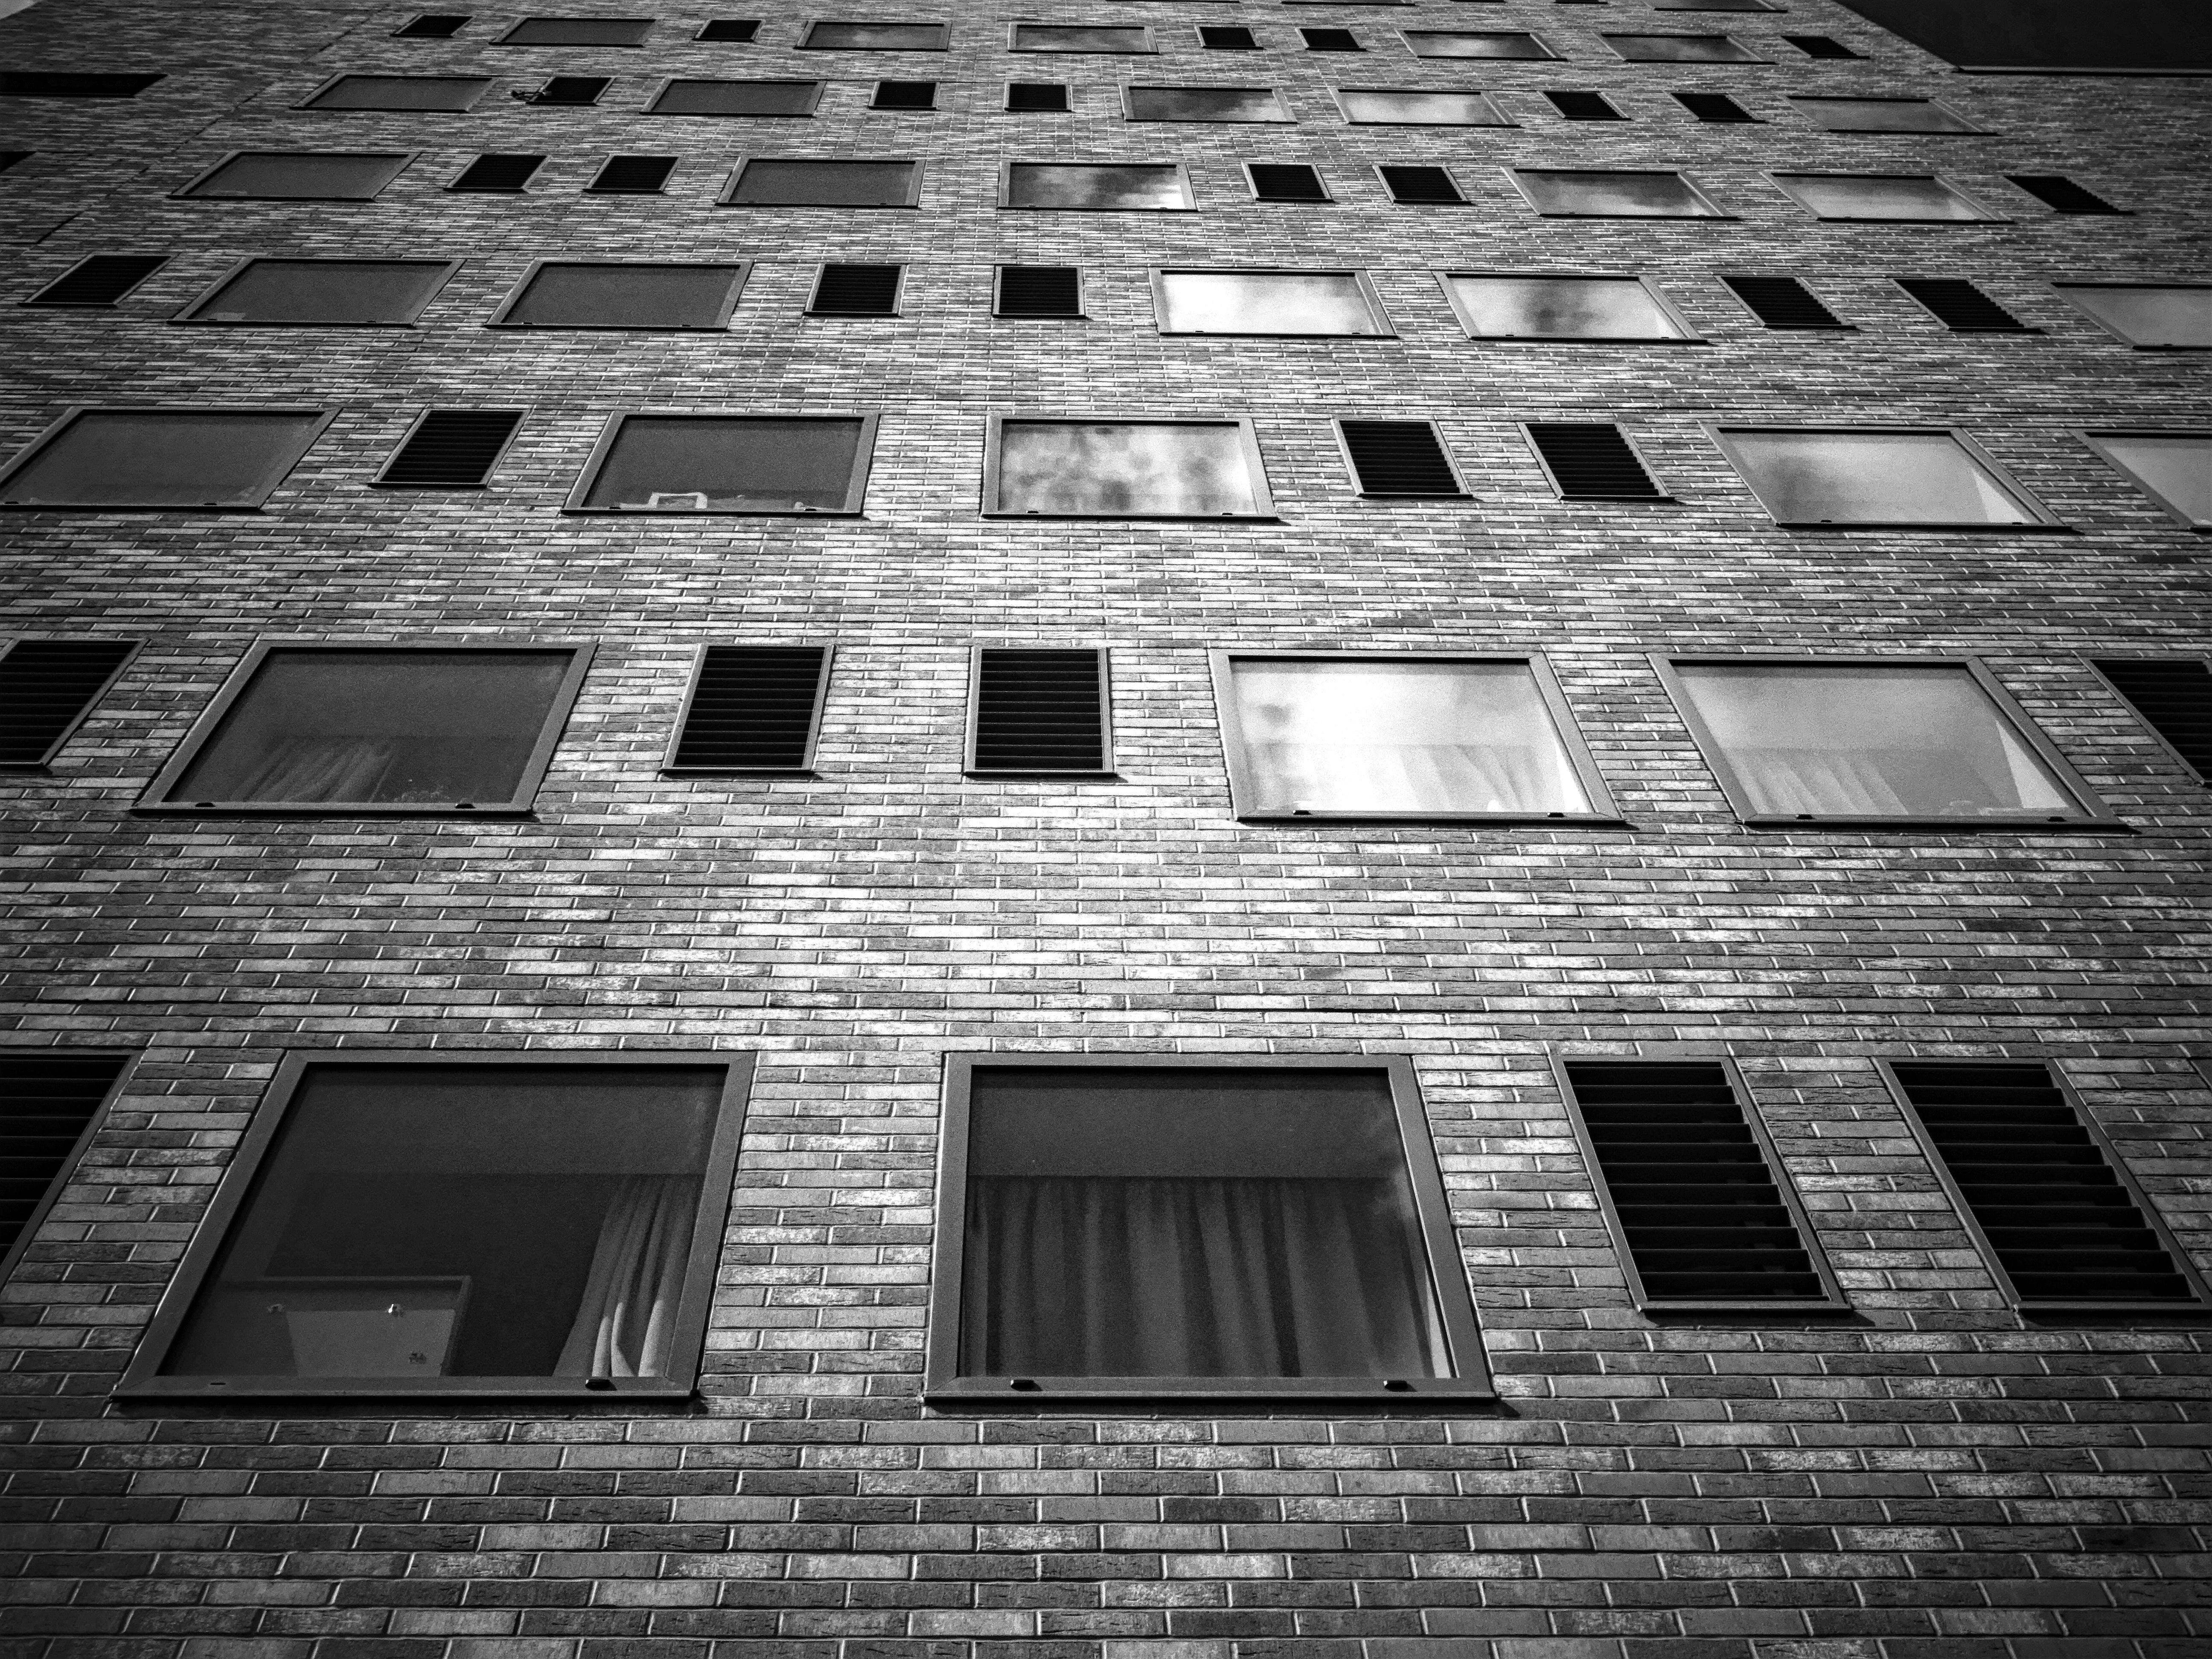 architecture, black and white, brick walls